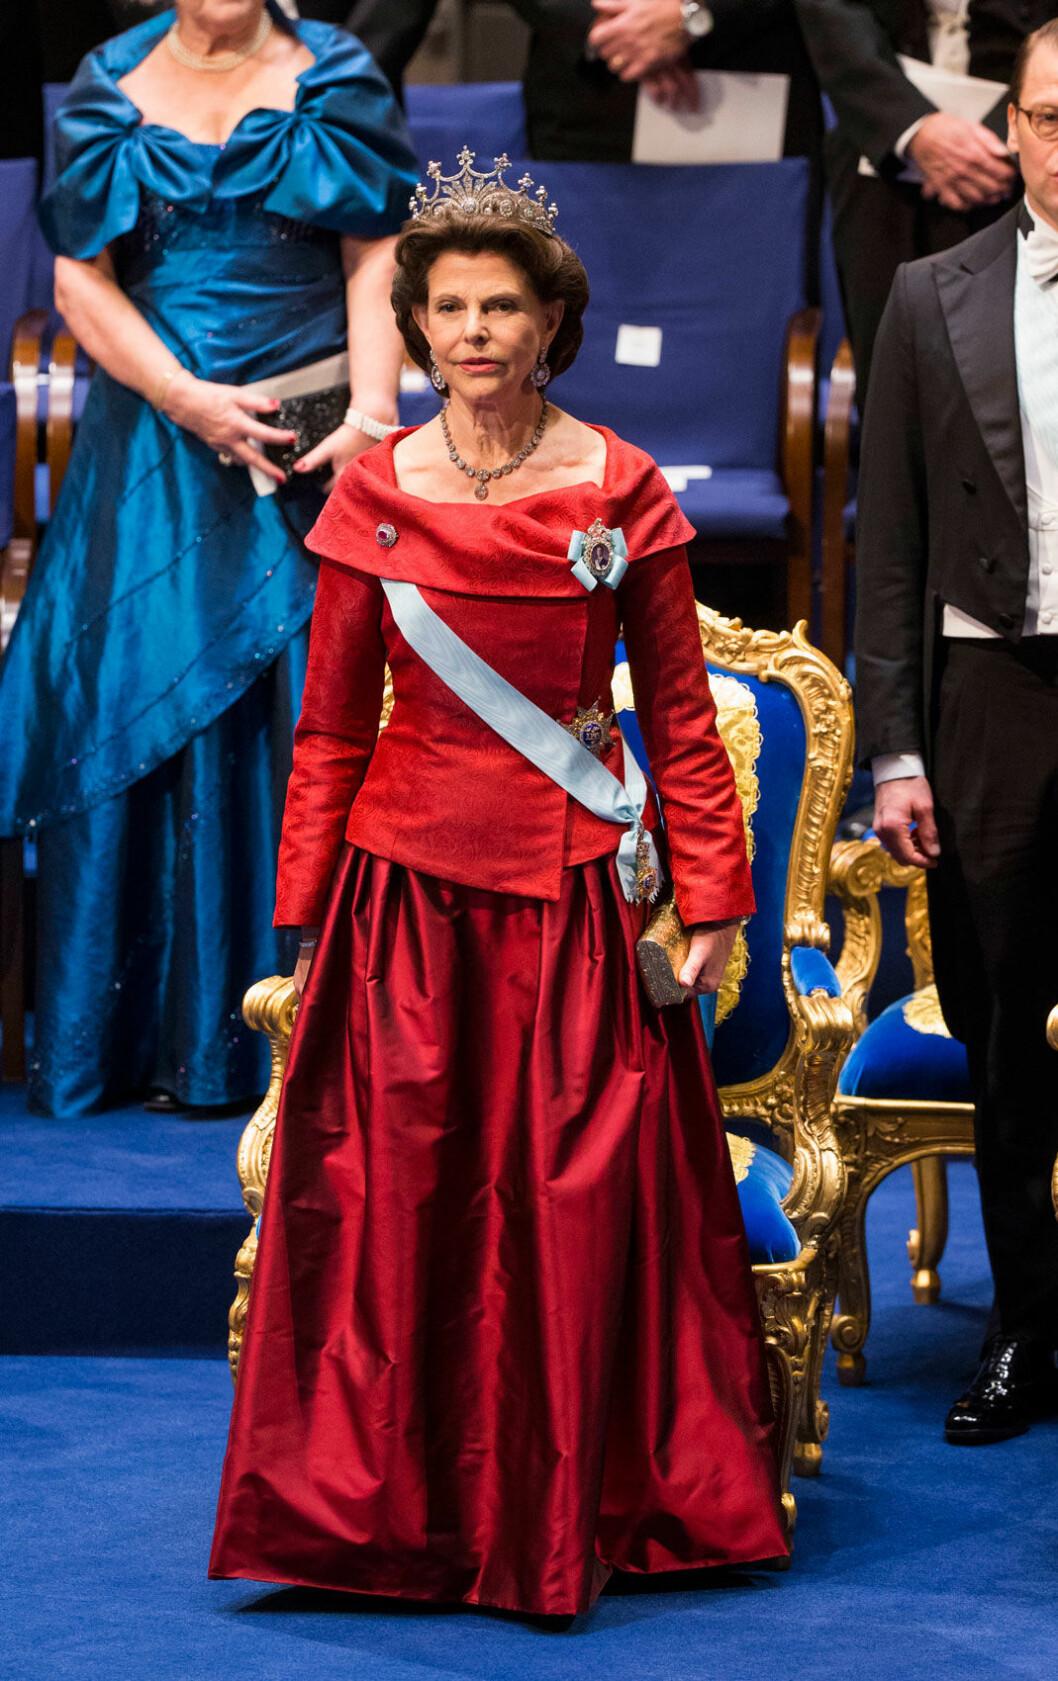 Silvia valde rött 2015 igen